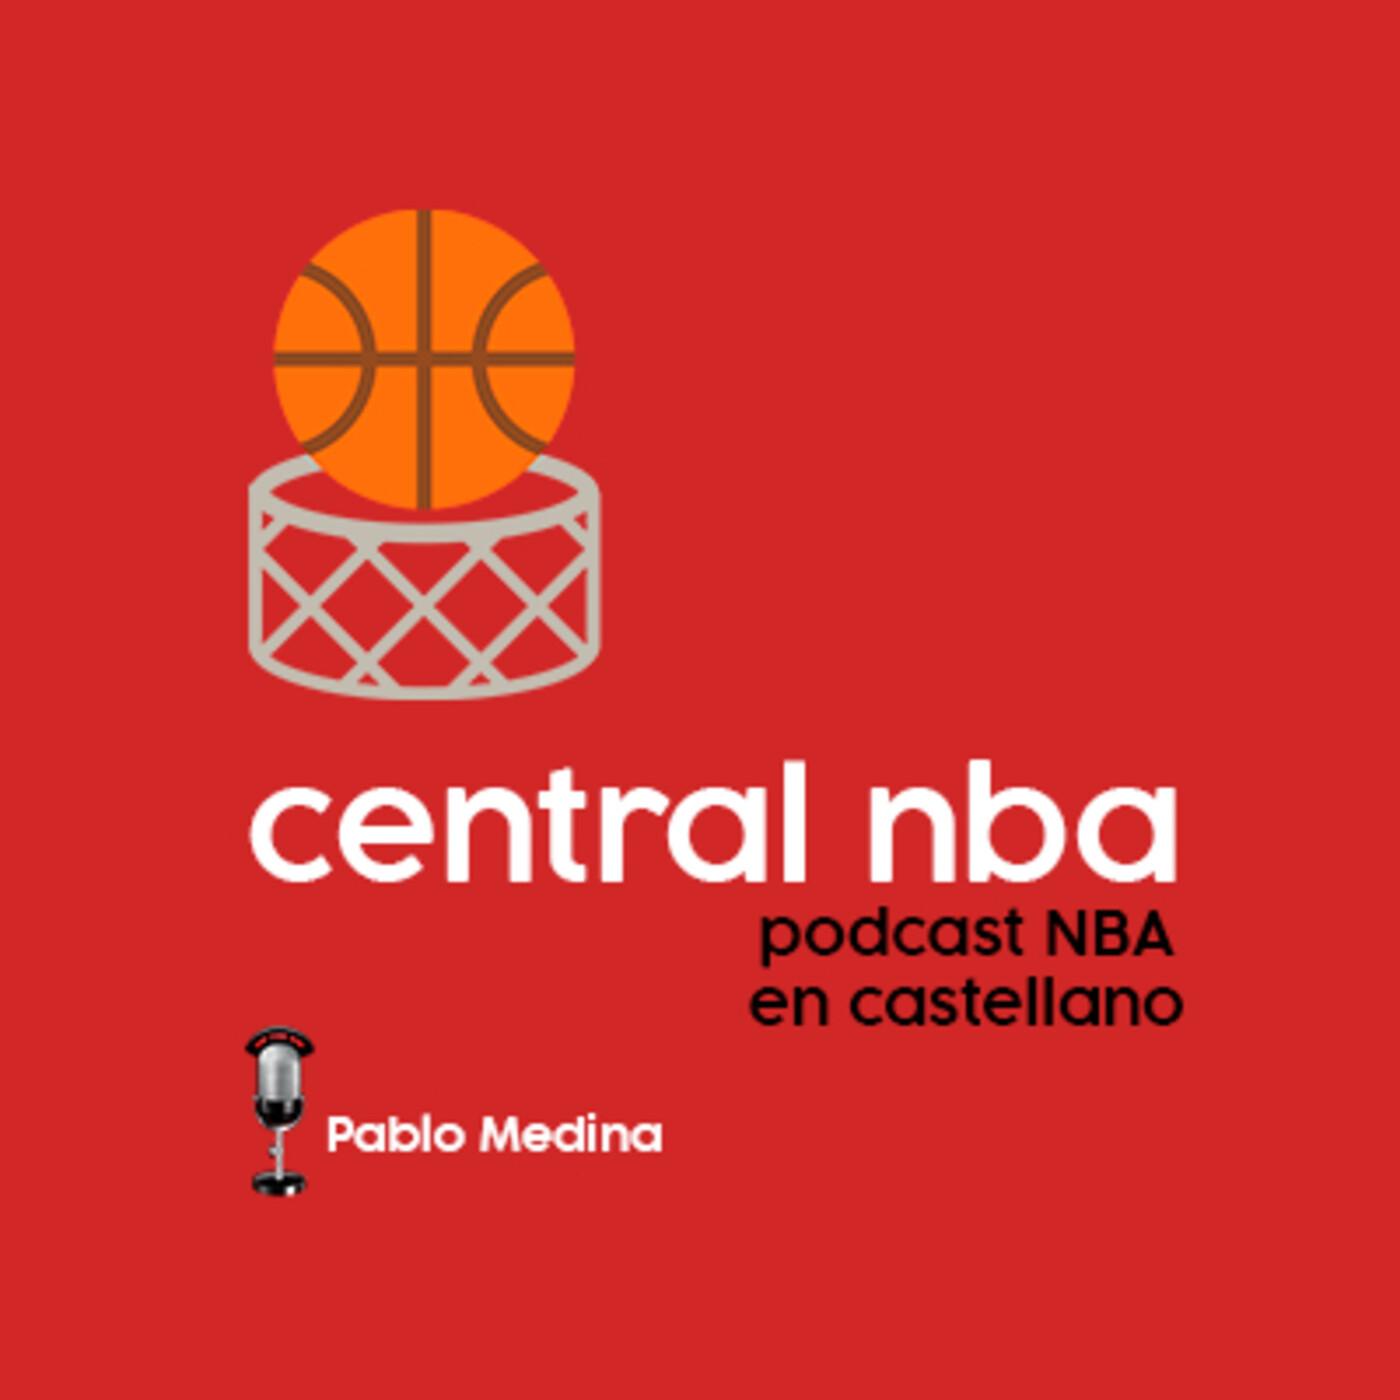 NUGGETS Y JOKIC GANAN Y FUERZAN EL SÉPTIMO PARTIDO vs CLIPPERS, ANALIZAMOS EL PARTIDO - CENTRAL NBA #33 (14/09/2020)